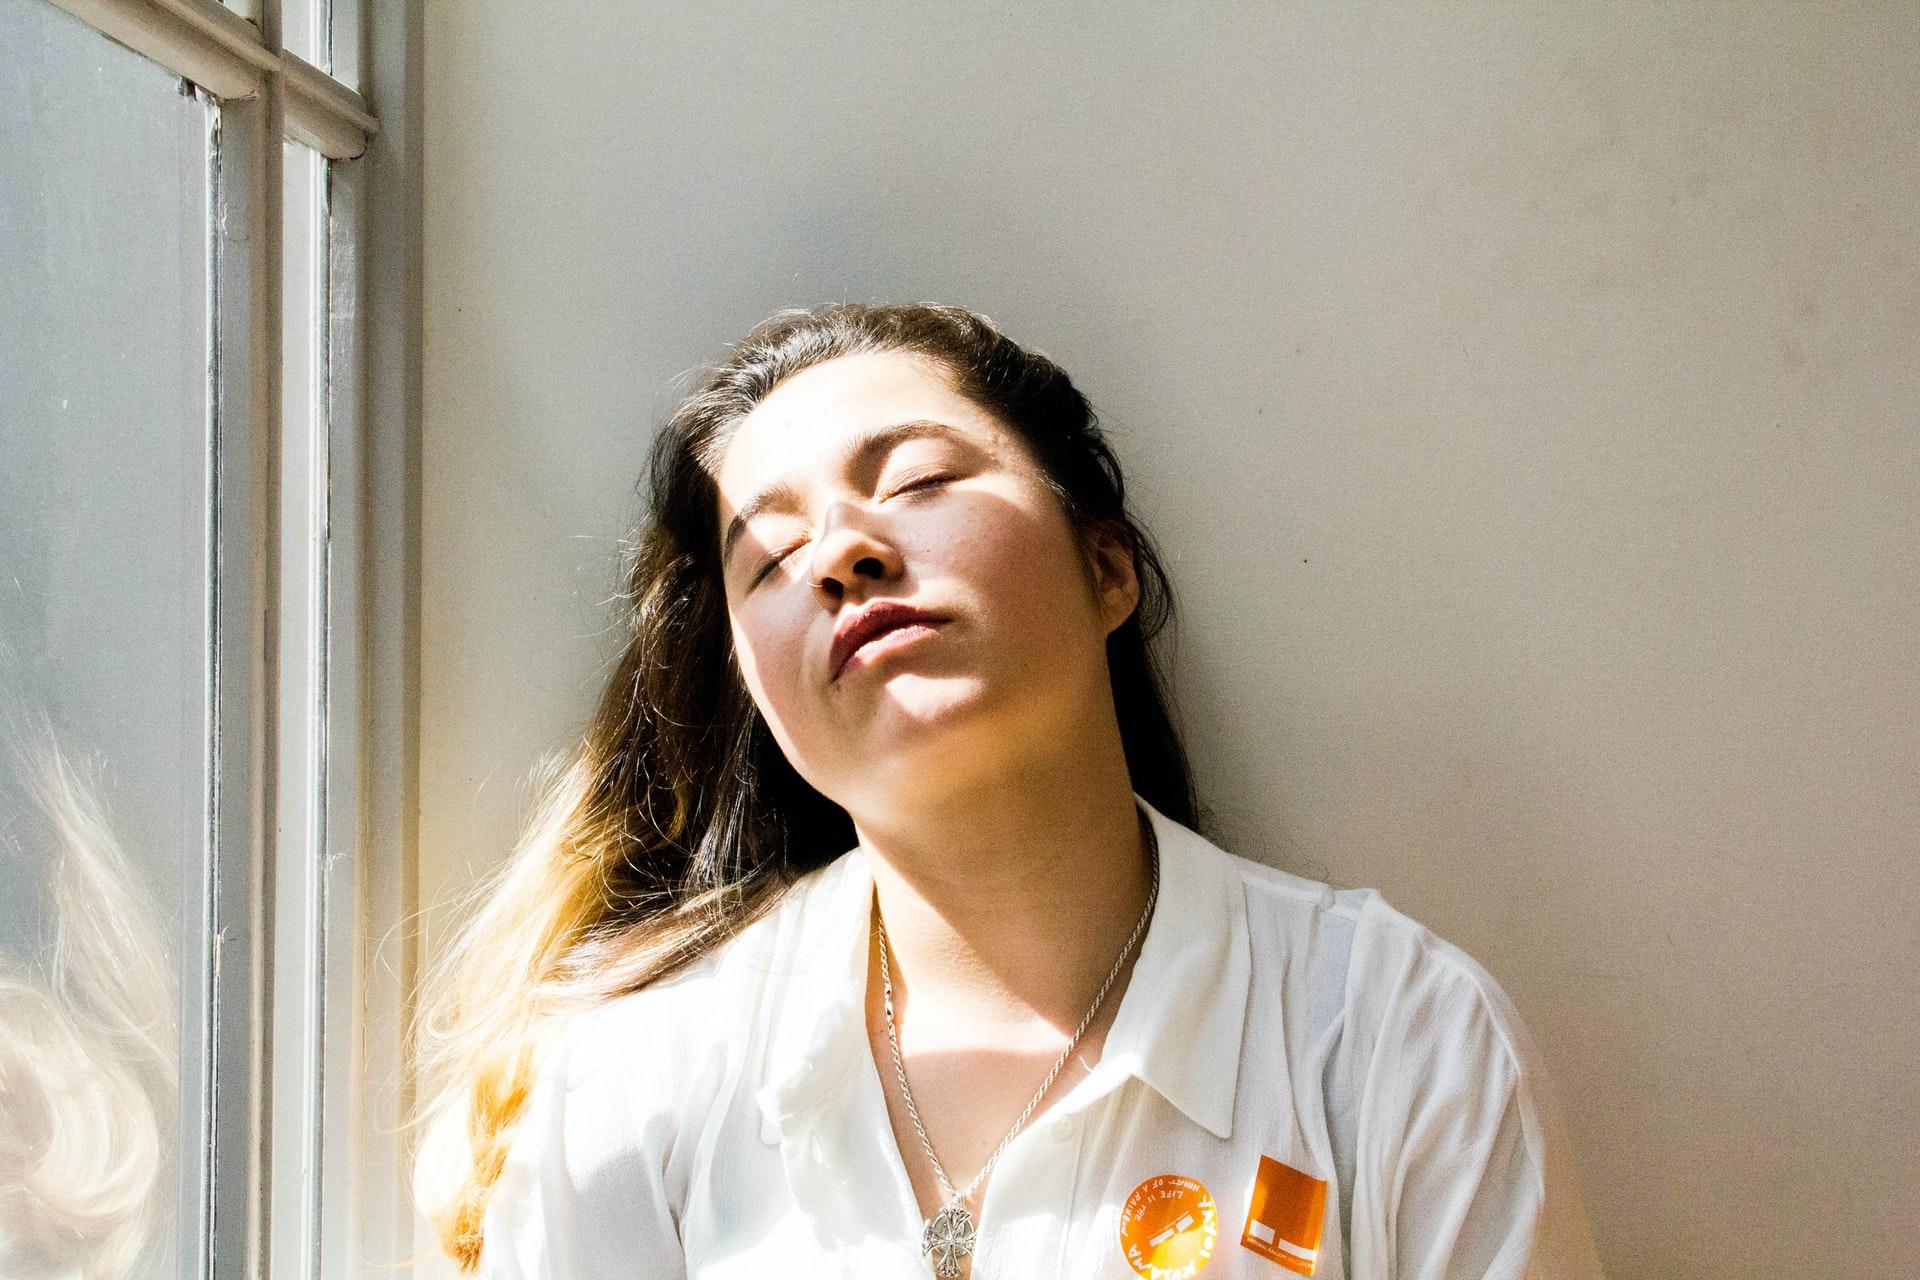 naps help sleep satisfaction